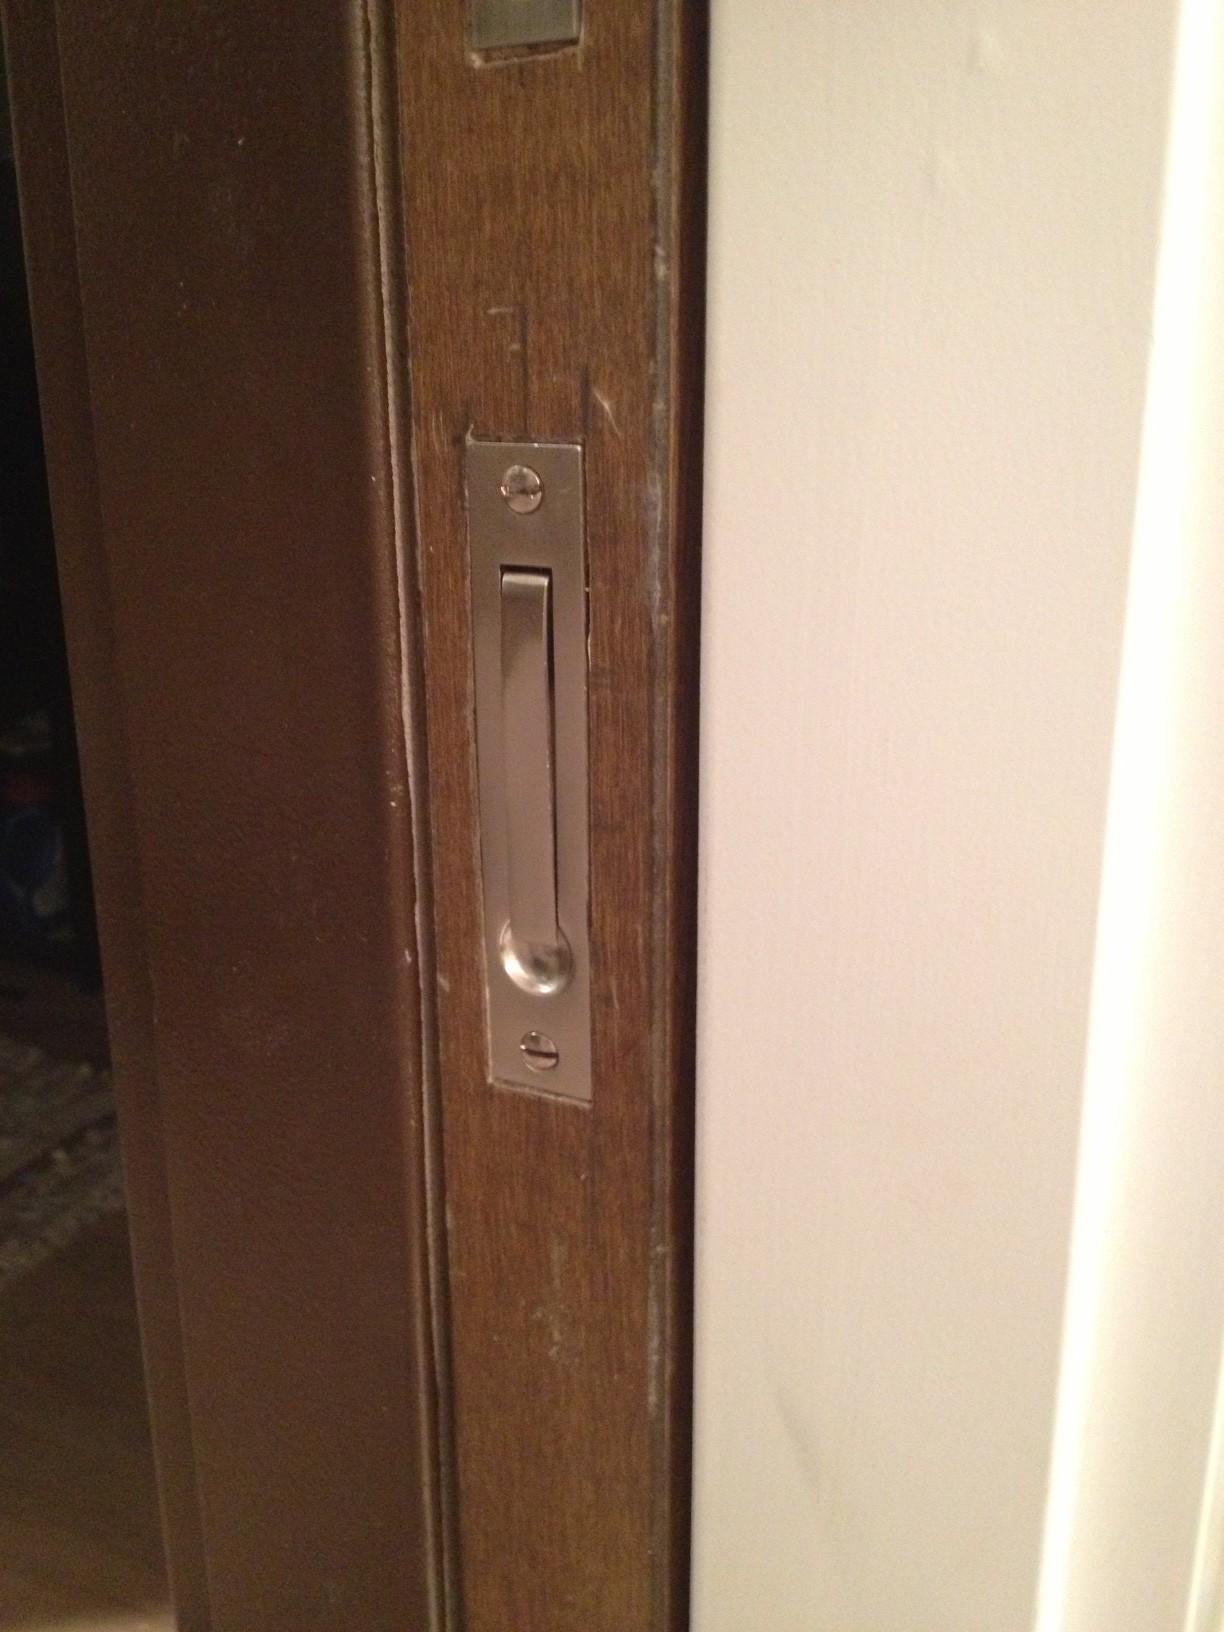 dexter door knob removal photo - 11 & Dexter door knob removal \u2013 Door Knobs